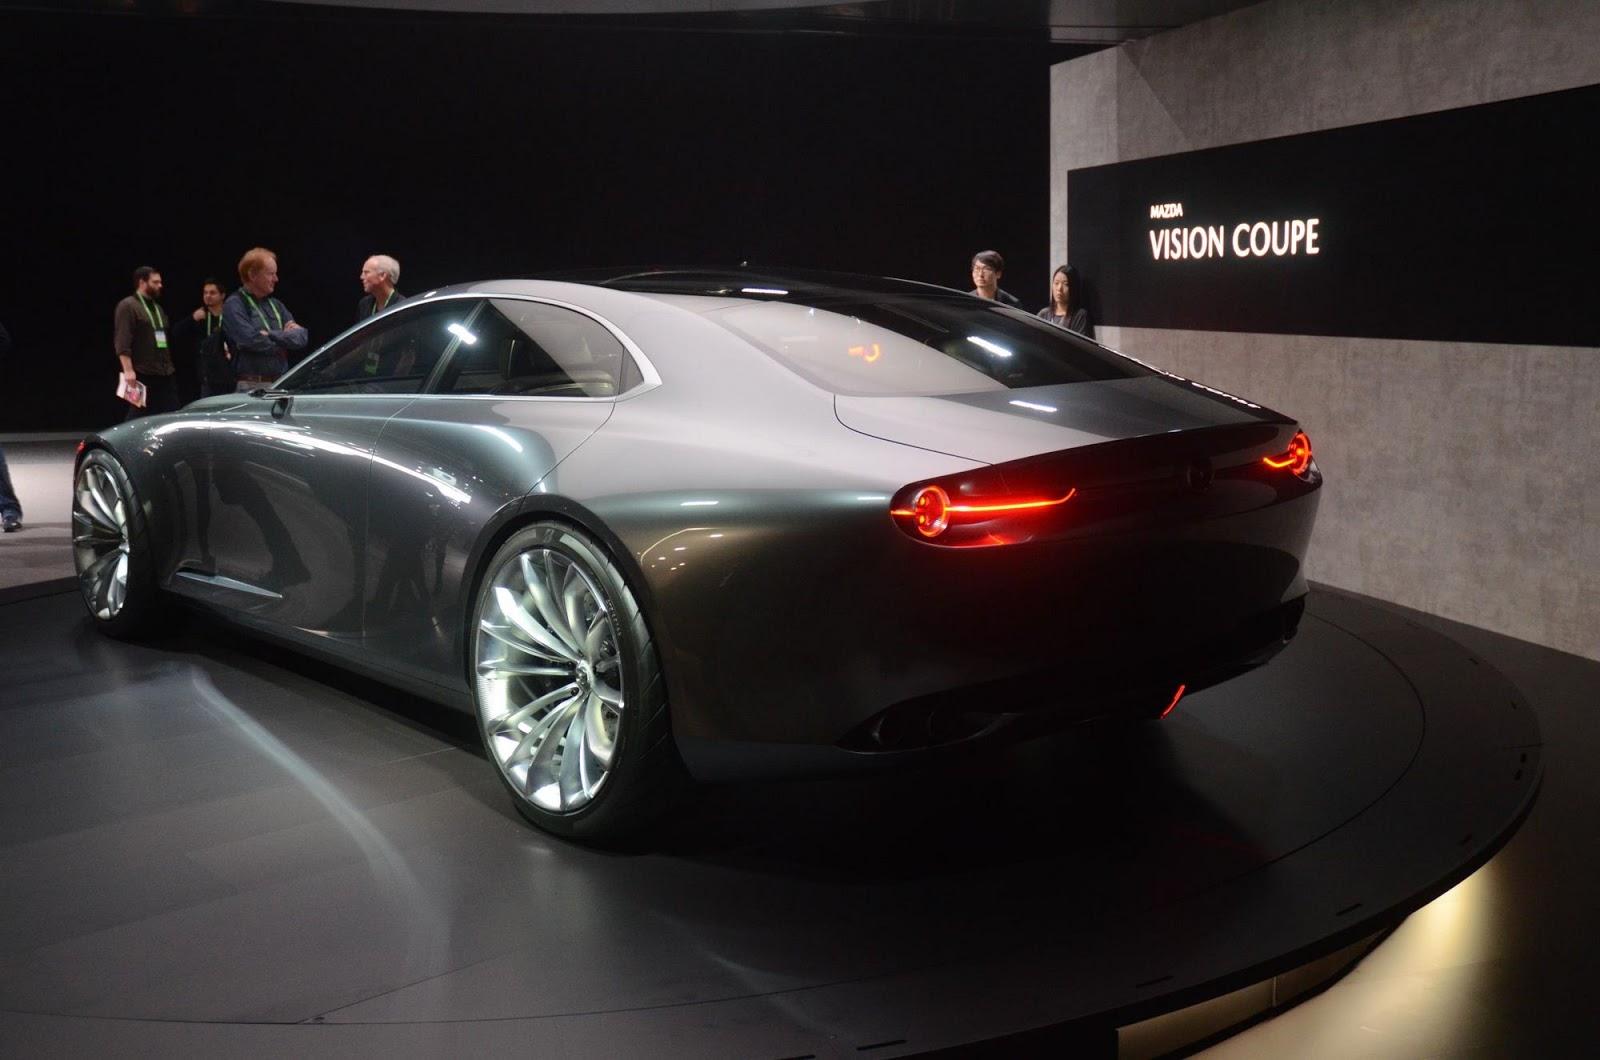 Mazda đang phát triển động cơ xăng và dầu 6 động cơ Skyactiv-X mới - 20